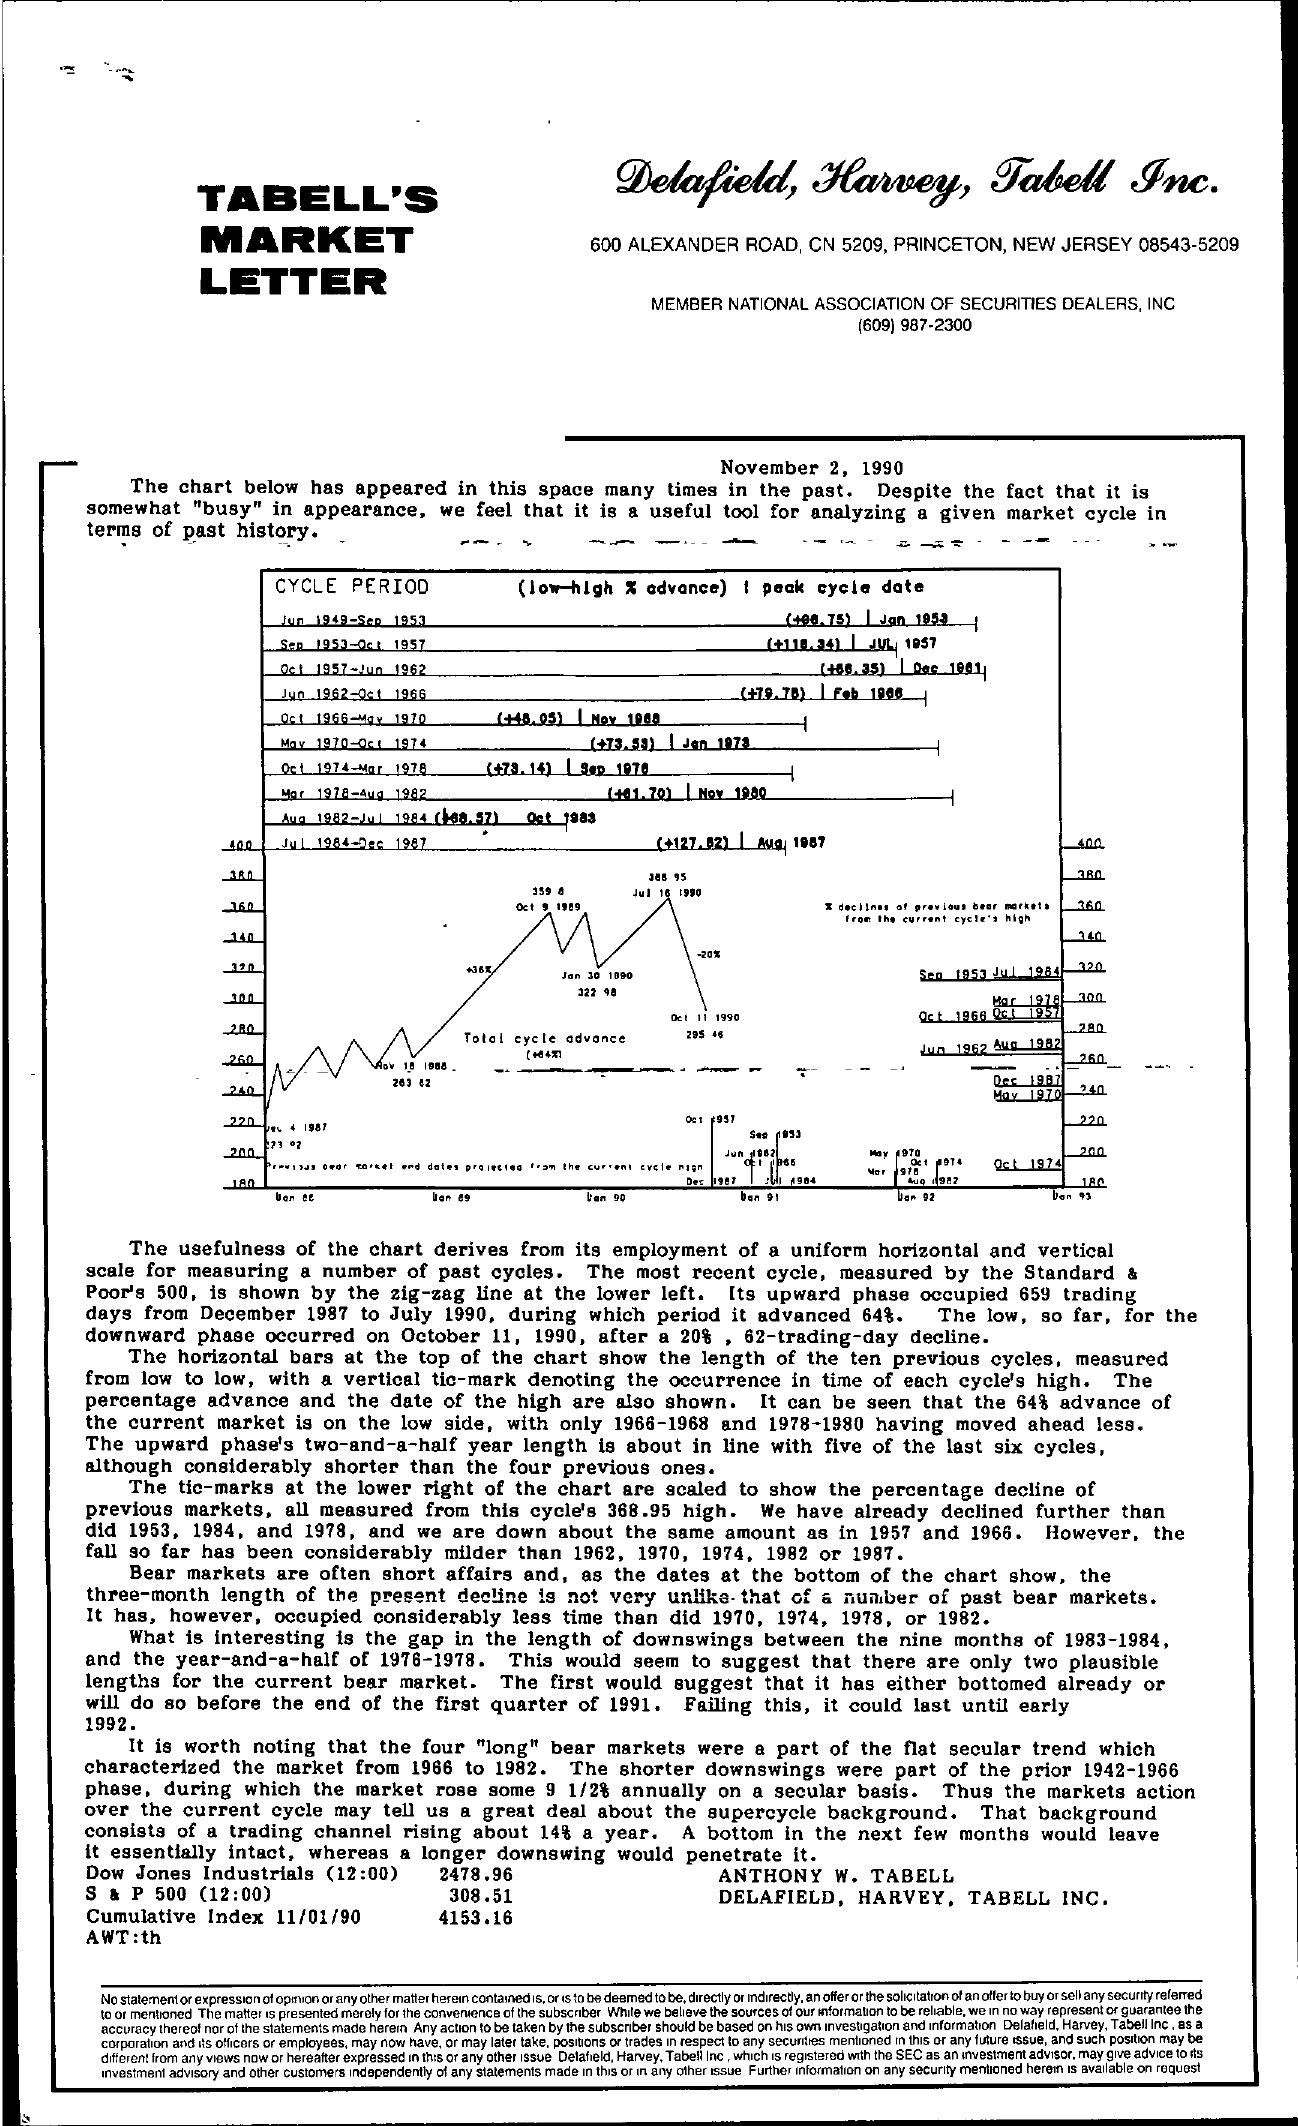 Tabell's Market Letter - November 02, 1990